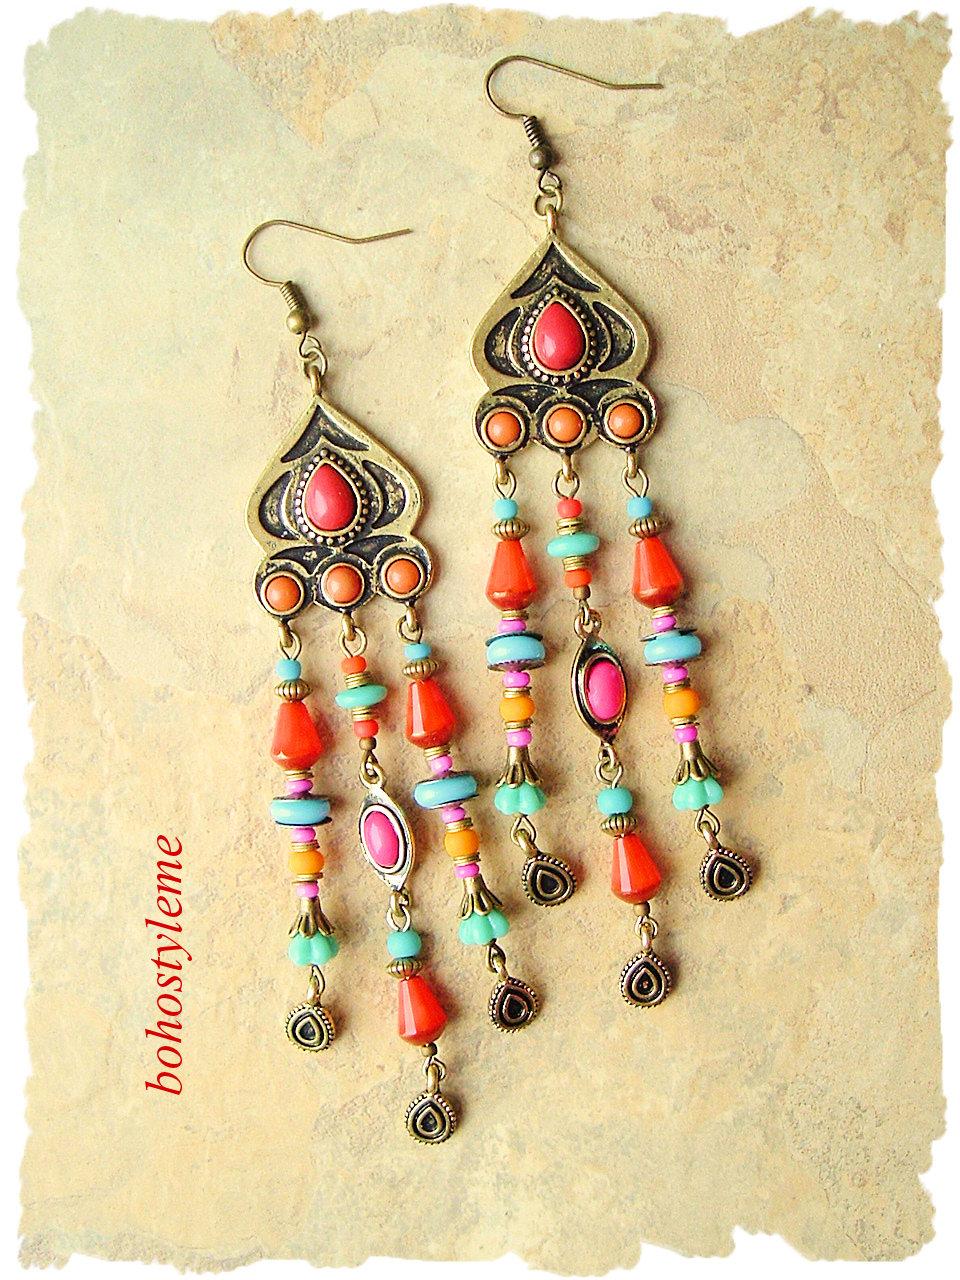 Boho Gypsy Indie Chandelier Earrings f3a43054b8